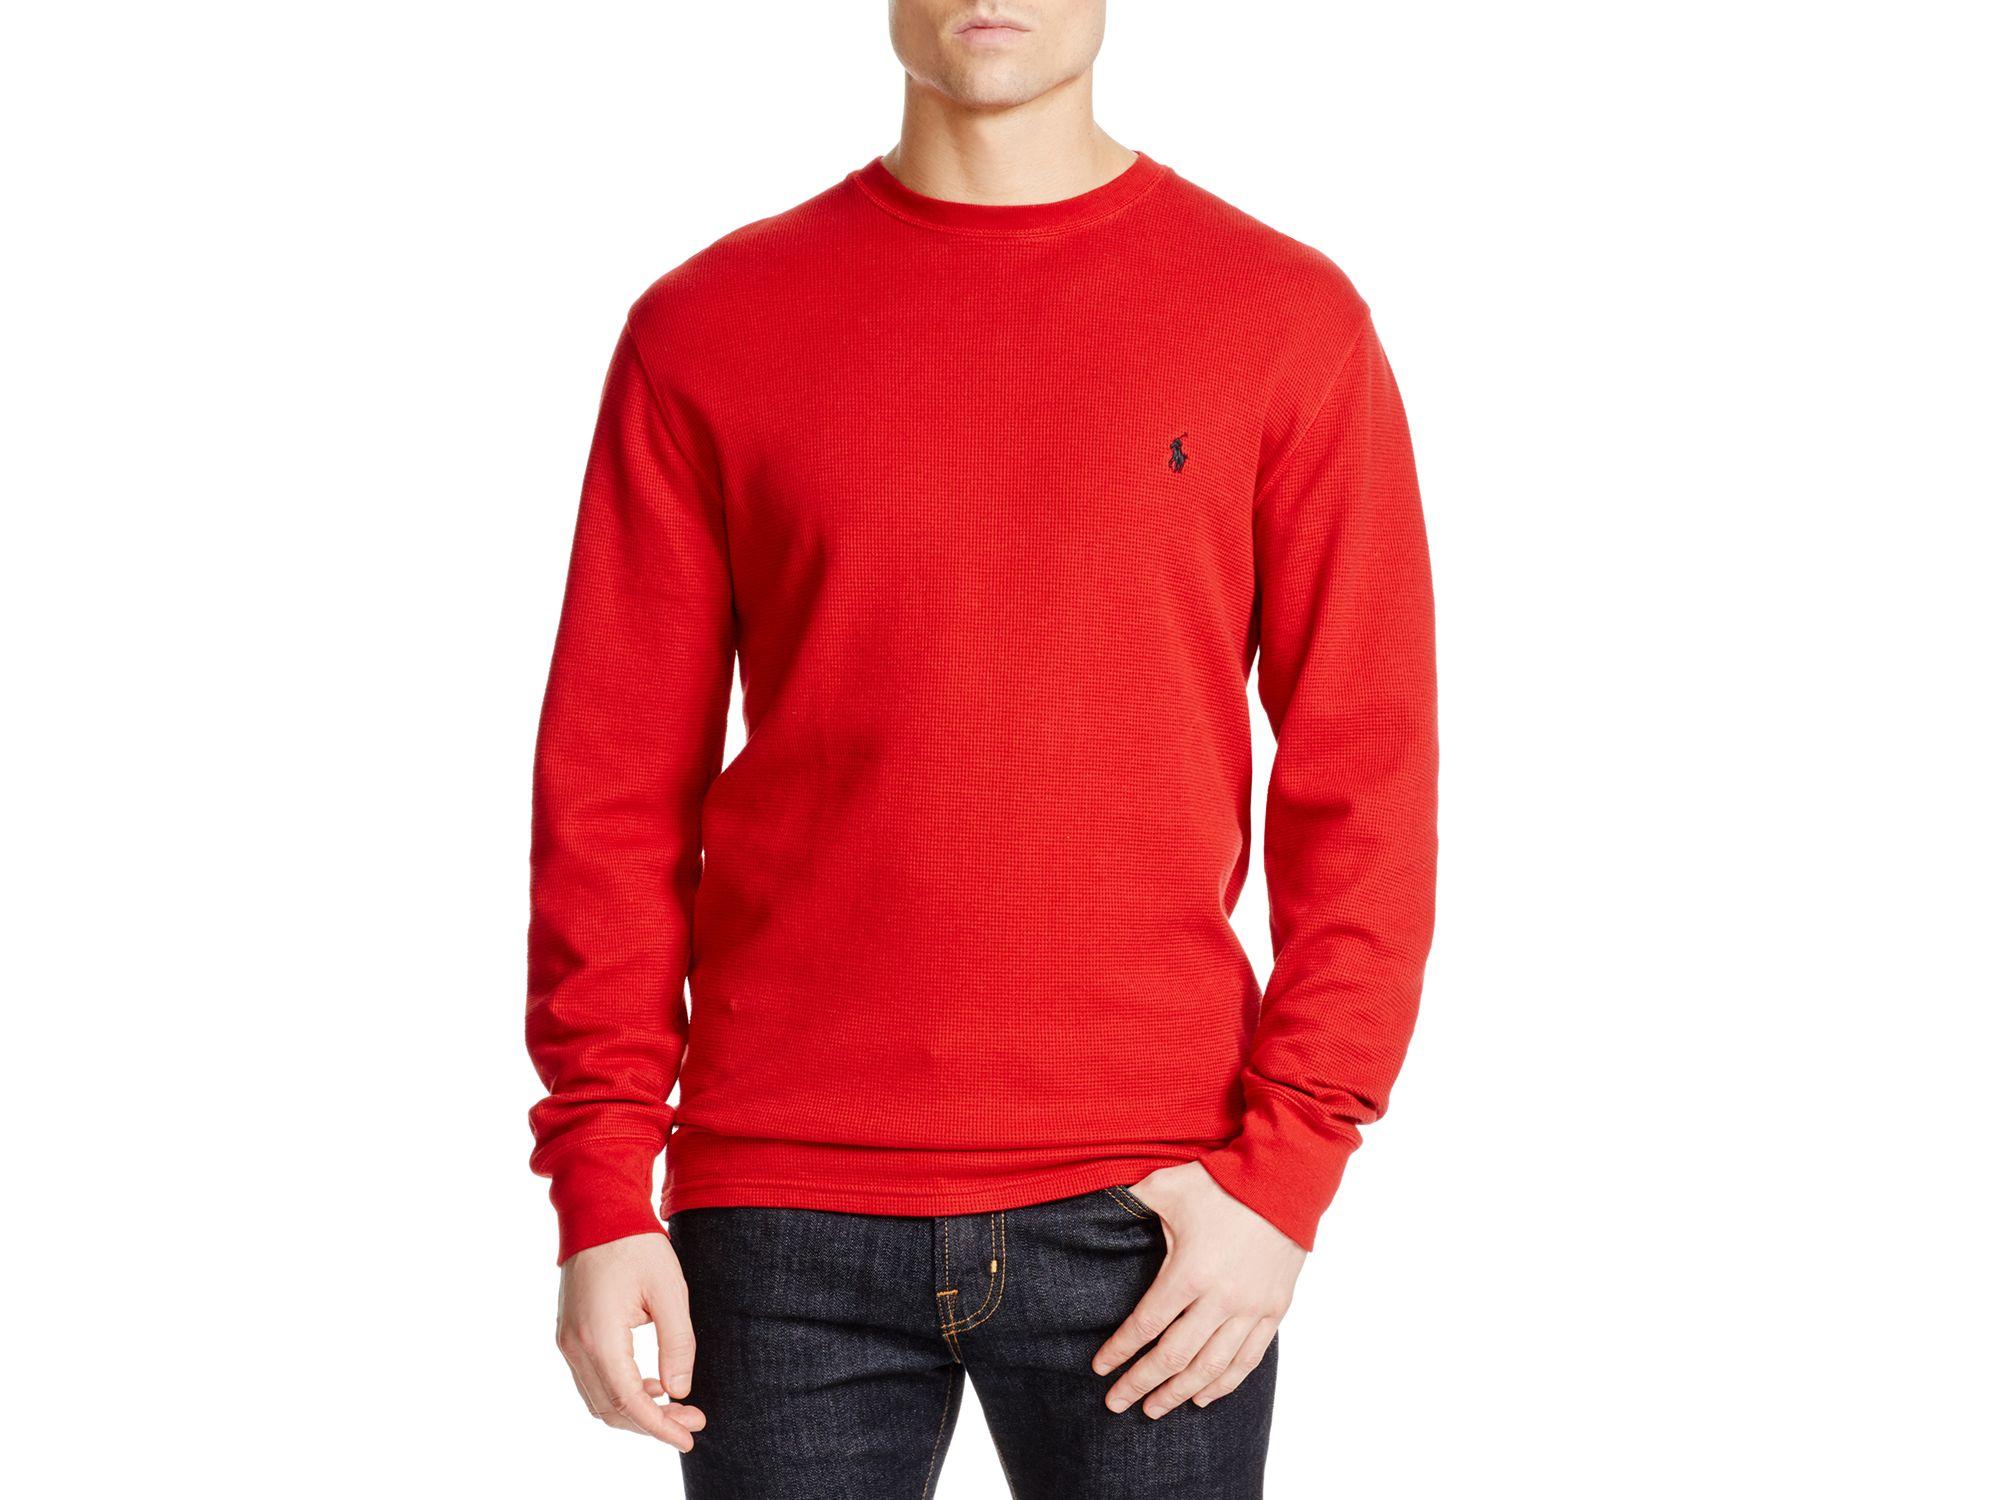 Spain Red Ralph Lauren Long Sleeve 1d2c0 Cc522